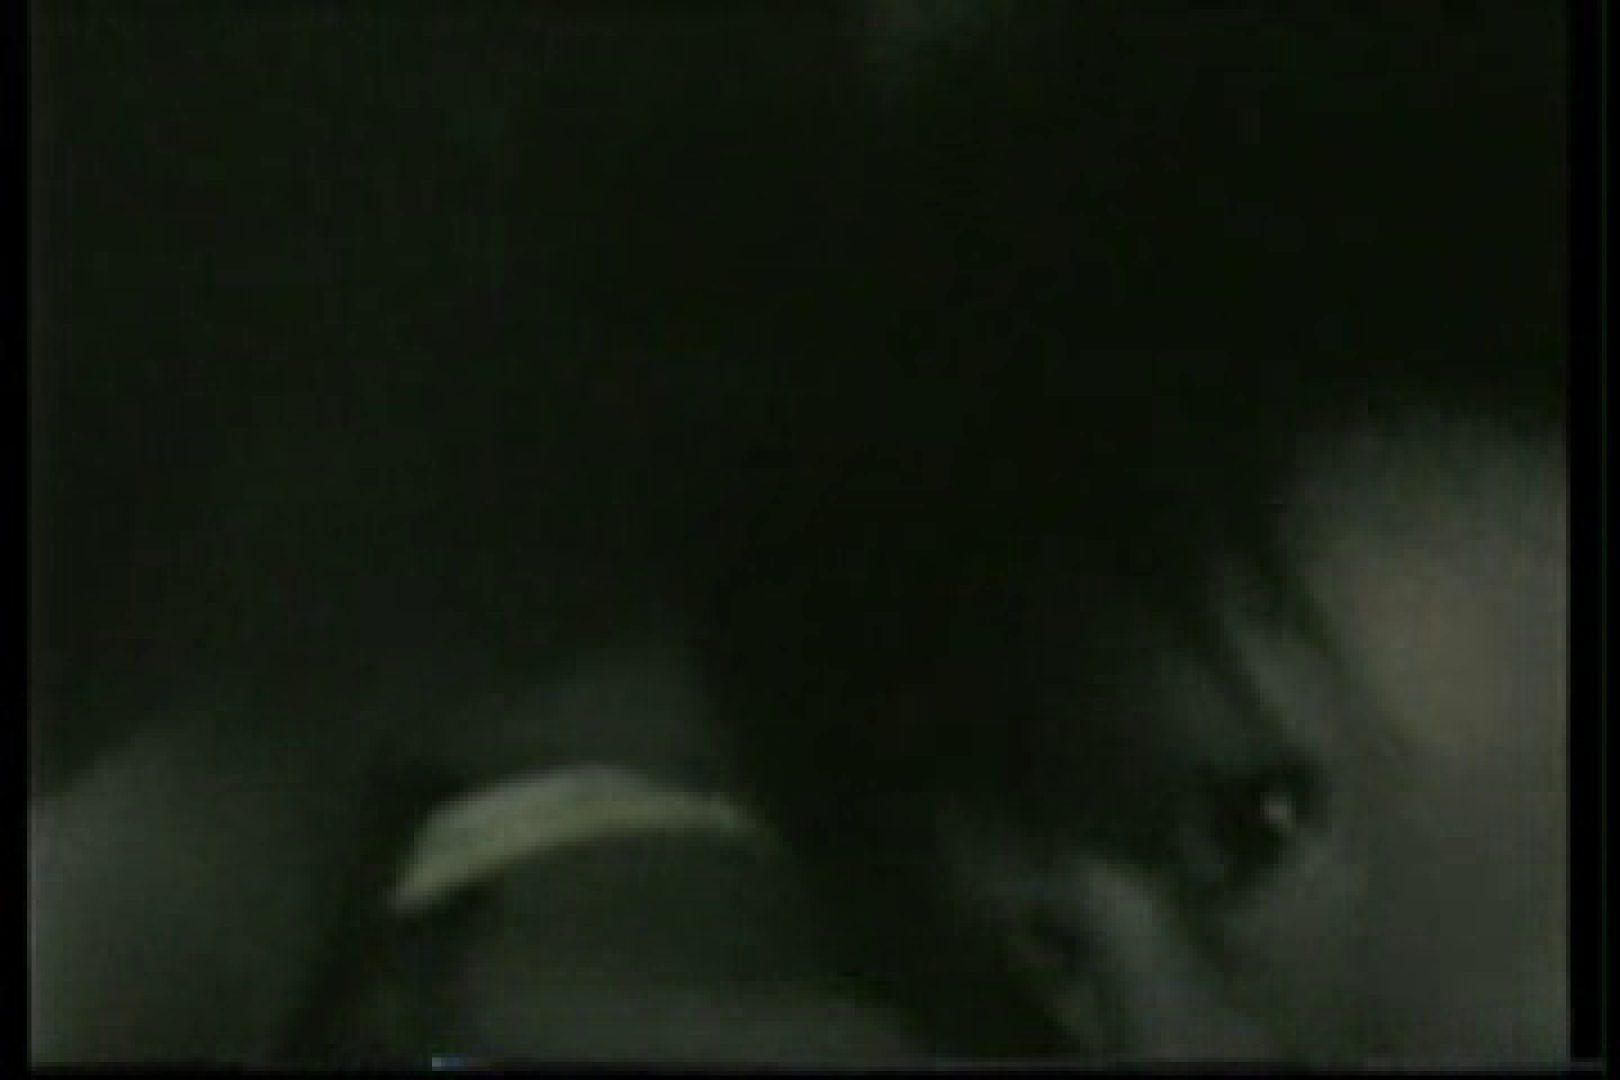 【実録個人撮影】男の子達の禁断の愛欲性活!!vol.02(対女性アナル責め) アナル舐め ゲイ丸見え画像 59pic 28